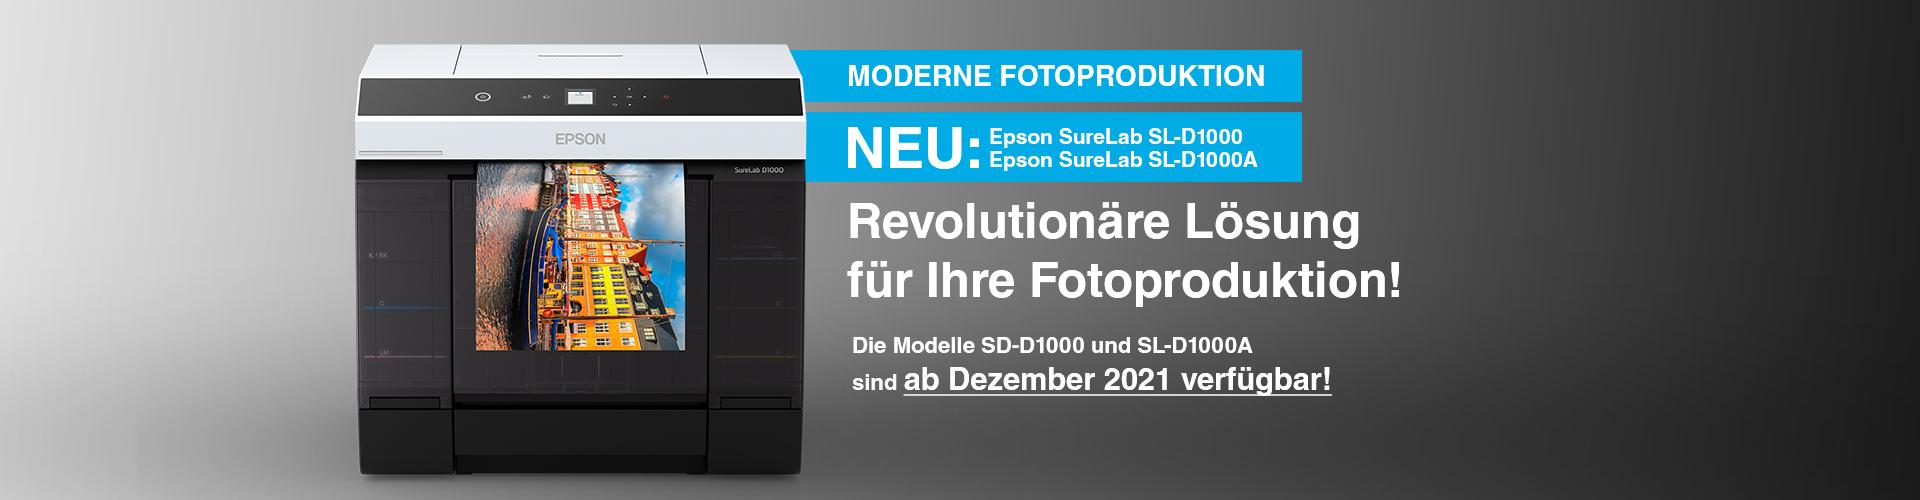 Moderne Fotoproduktion />